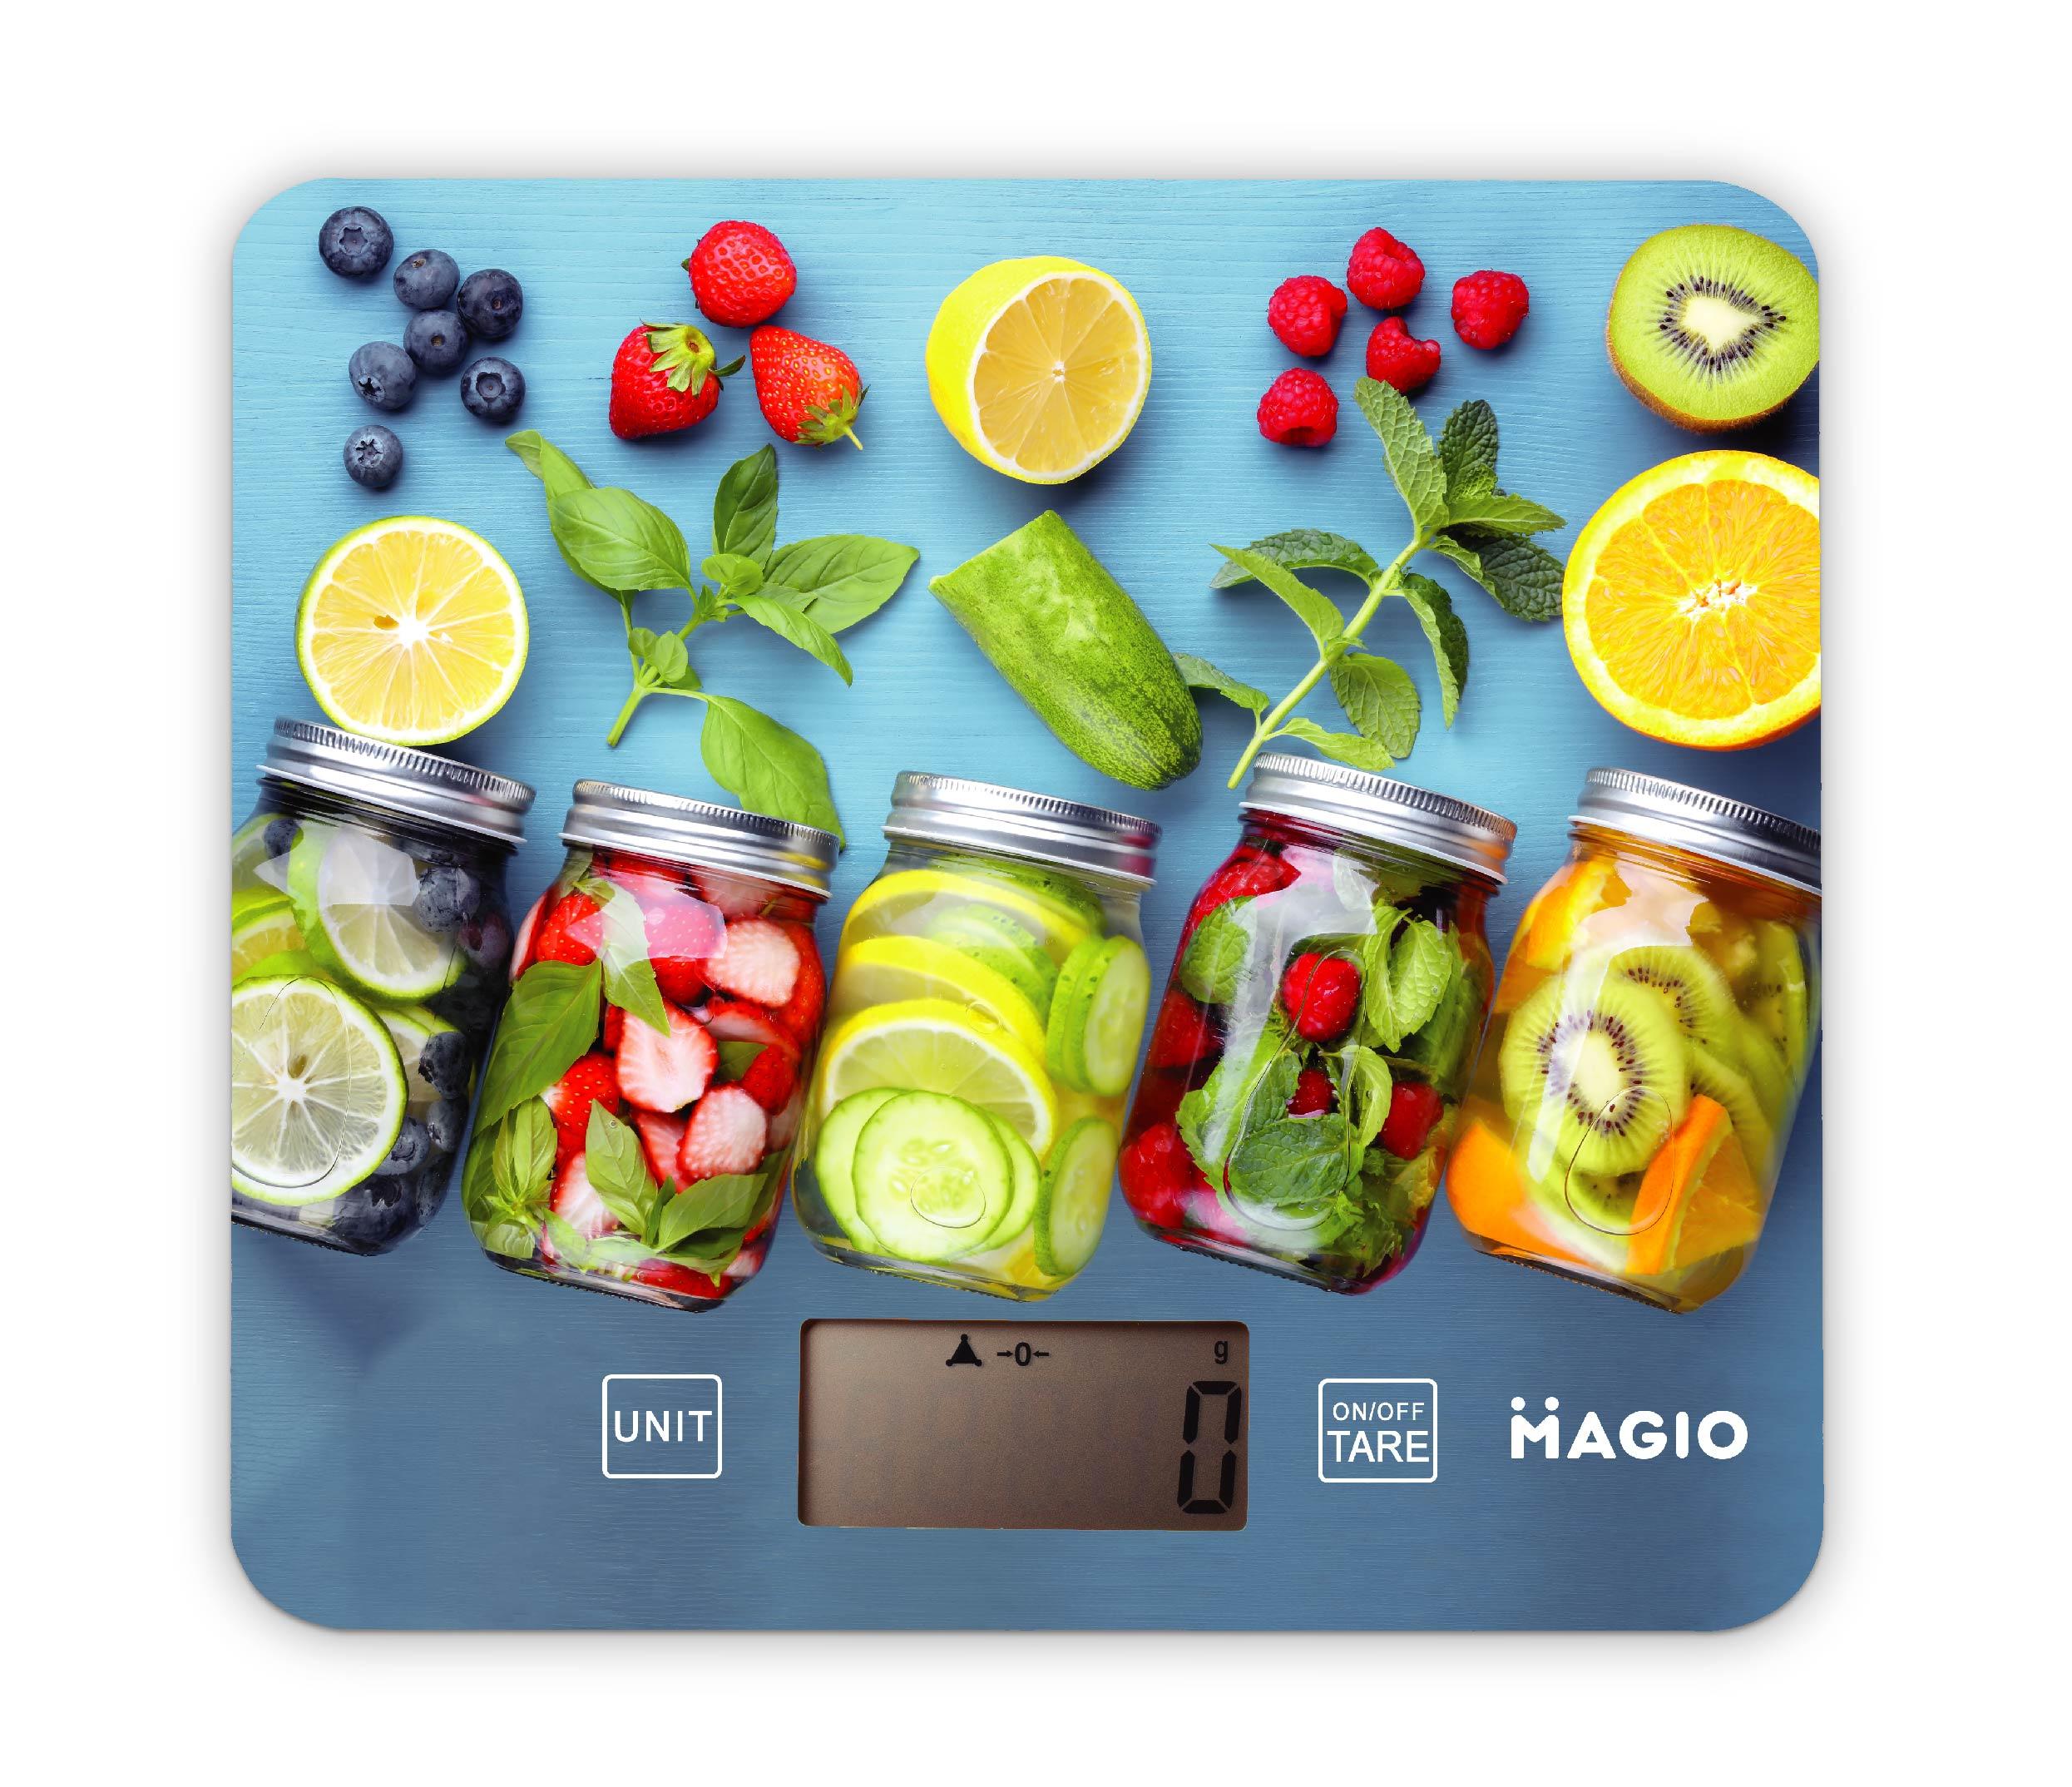 Кухонные весы Magio 3D принт, МG-796, голубой